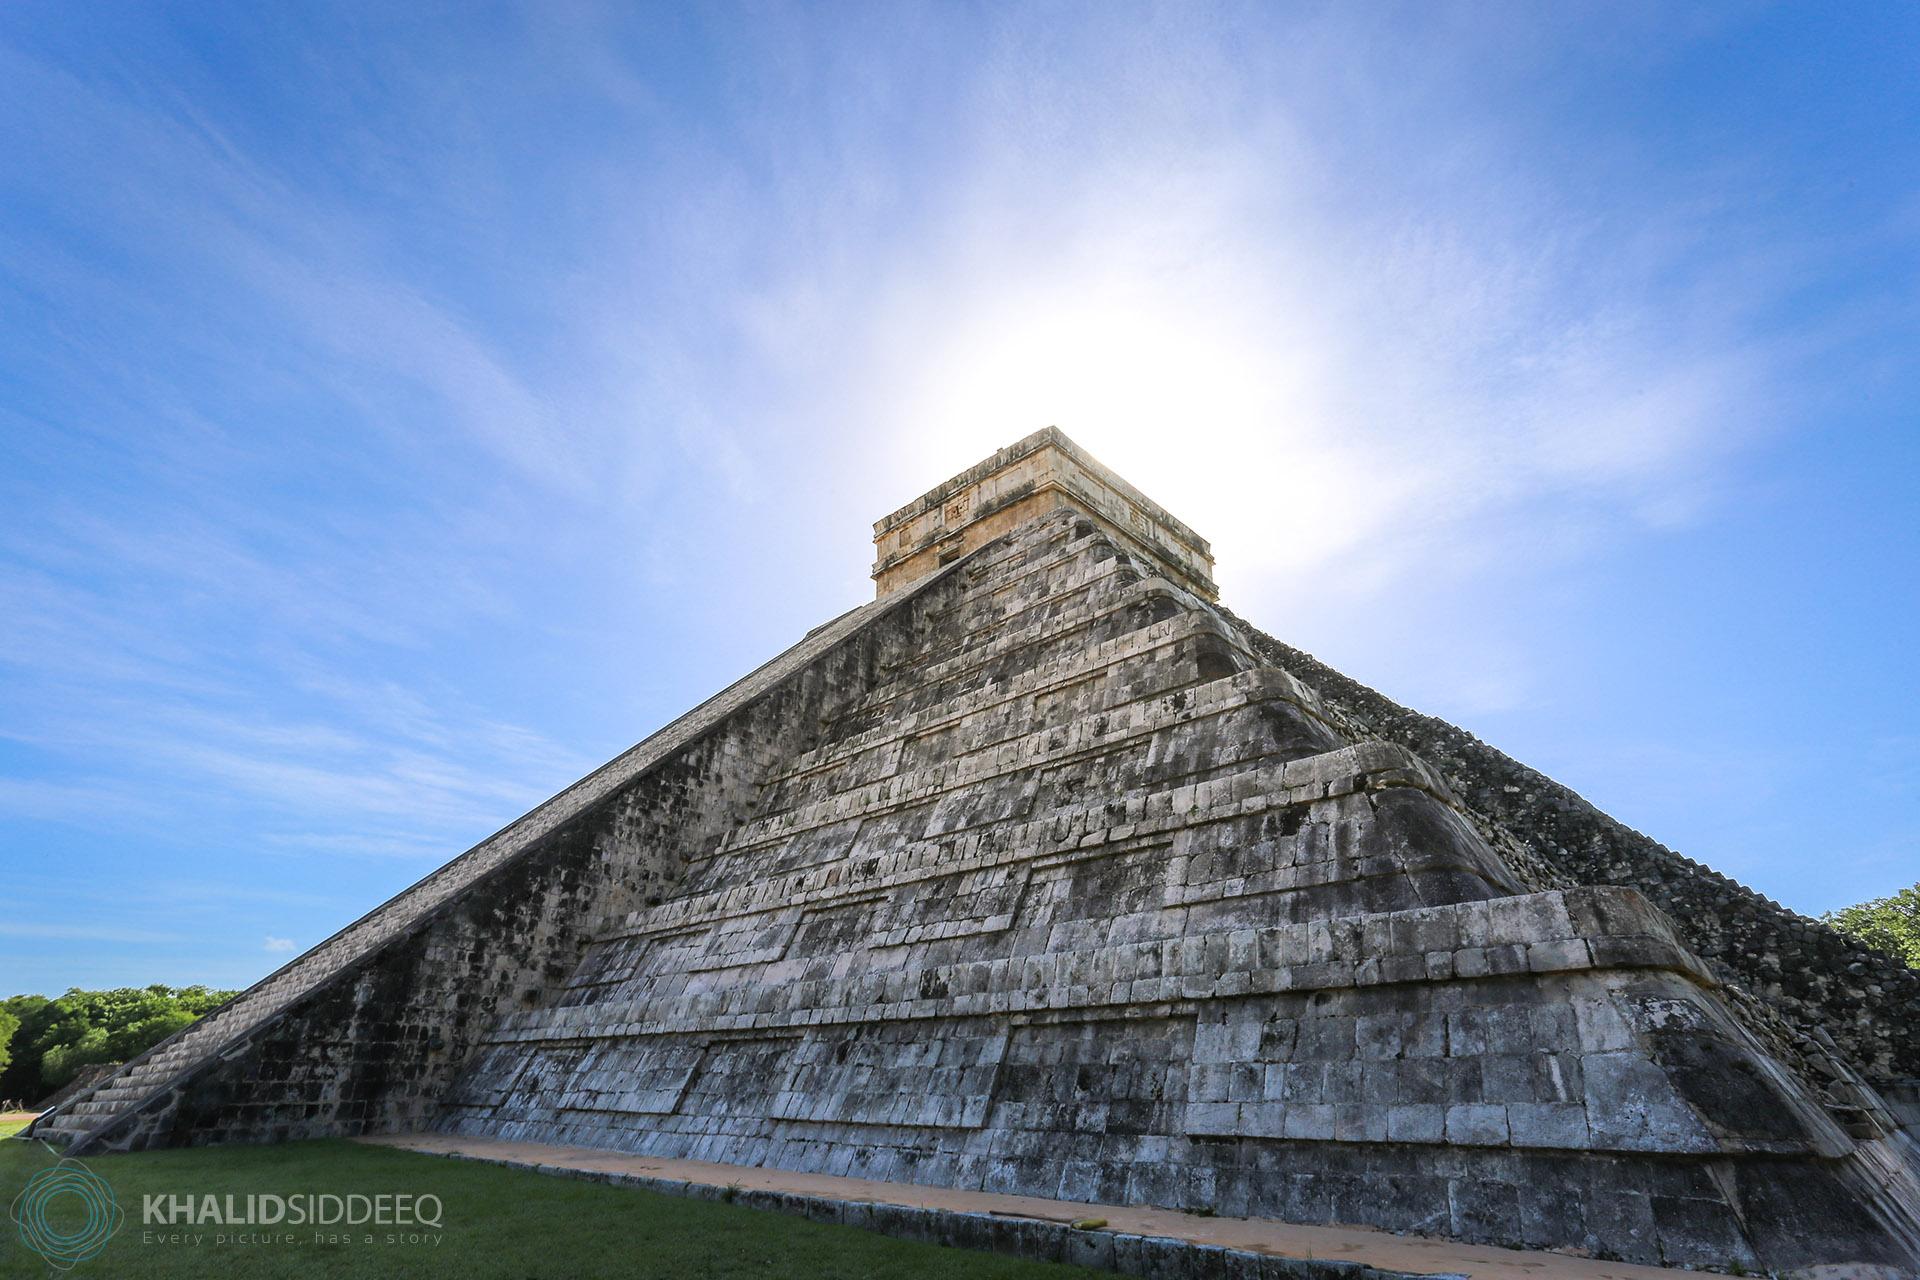 حضارة المايا، تشيتشن إيتزا، المكسيك